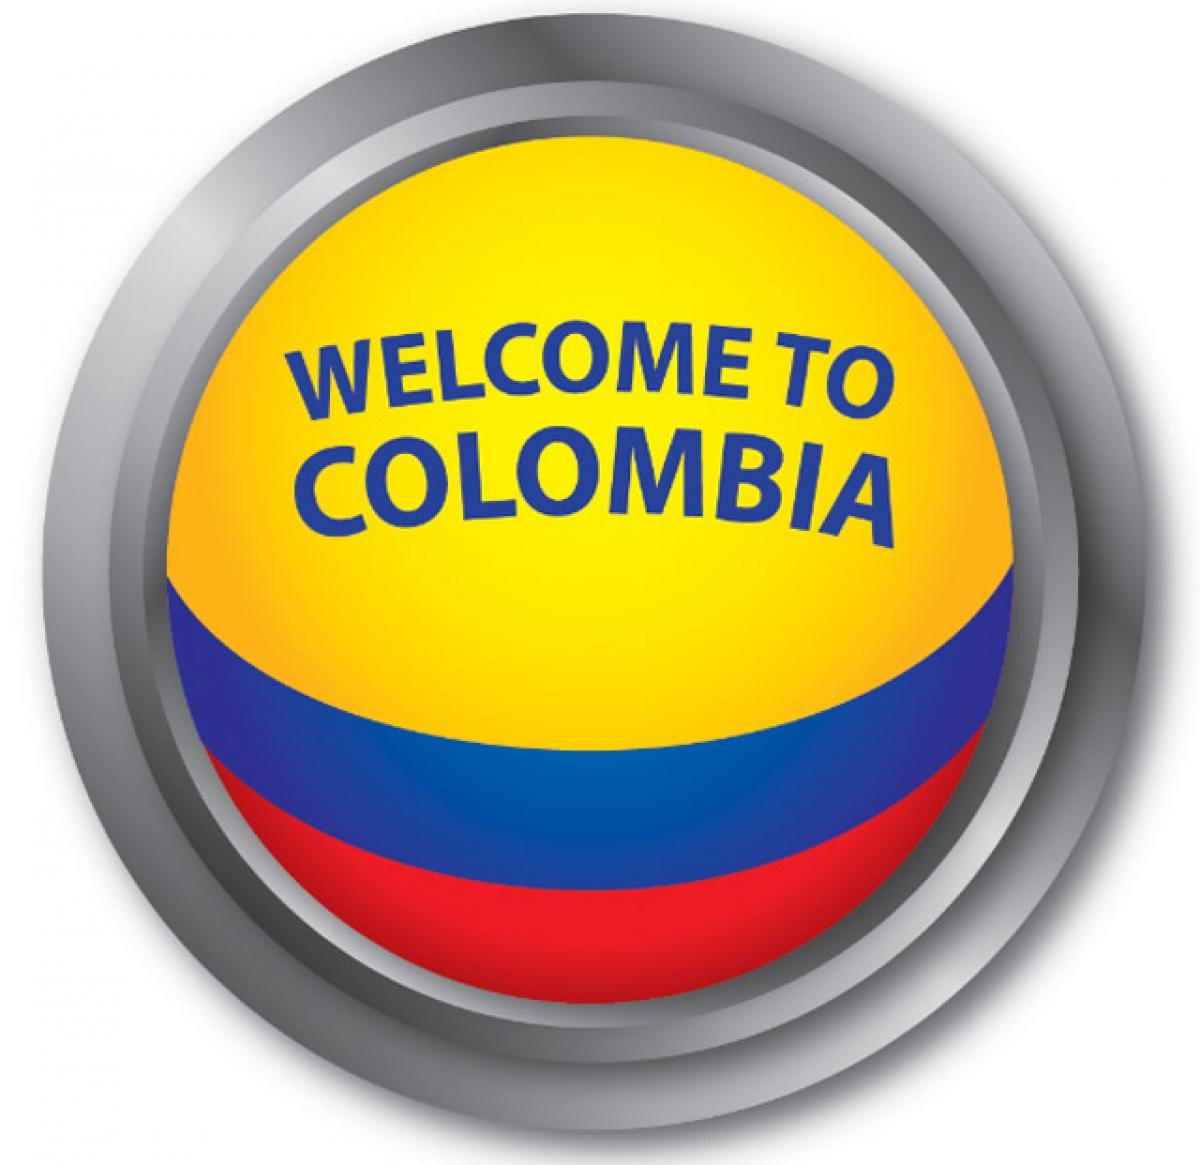 Tres D As Gratis De Asistencia M Dica Para Extranjeros Y Colombianos Residentes En El Exterior